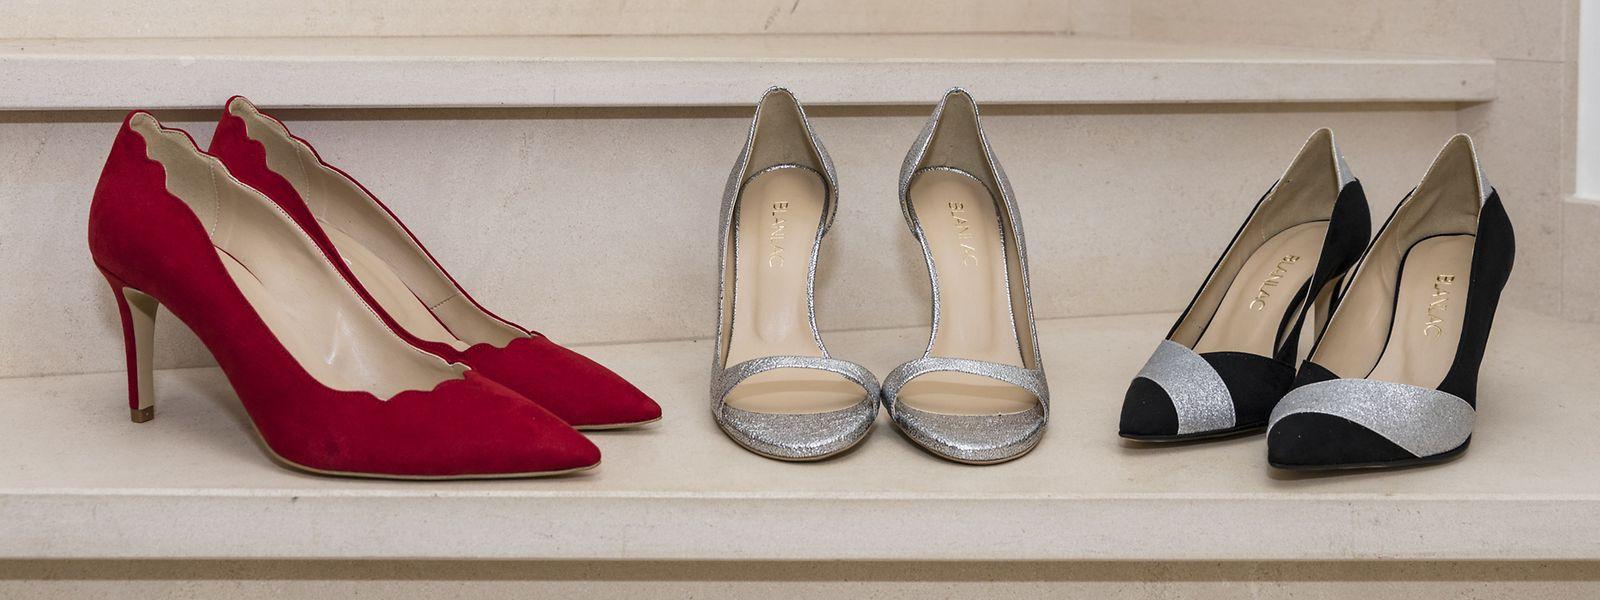 Begonnen hat Blanlac mit der Produktion veganer Stilettos, mittlerweile sind auch Schuhe mit flacheren Absätzen und Herrenschuhe dazugekommen.